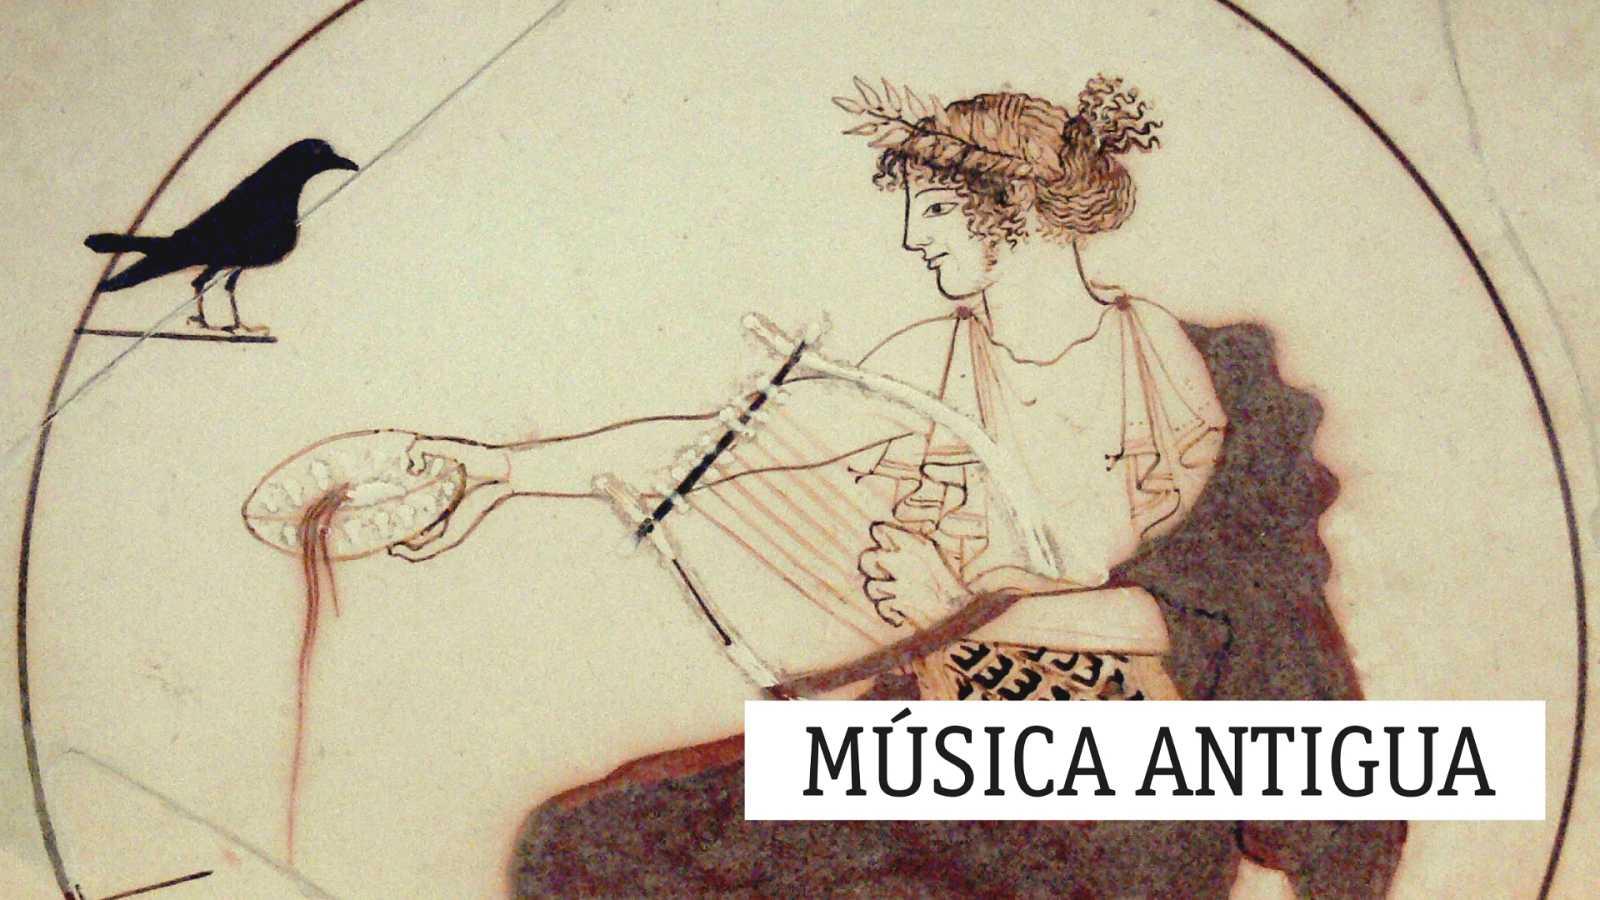 Música antigua - Canciones y madrigales con sus glosas - 17/12/19 - escuchar ahora